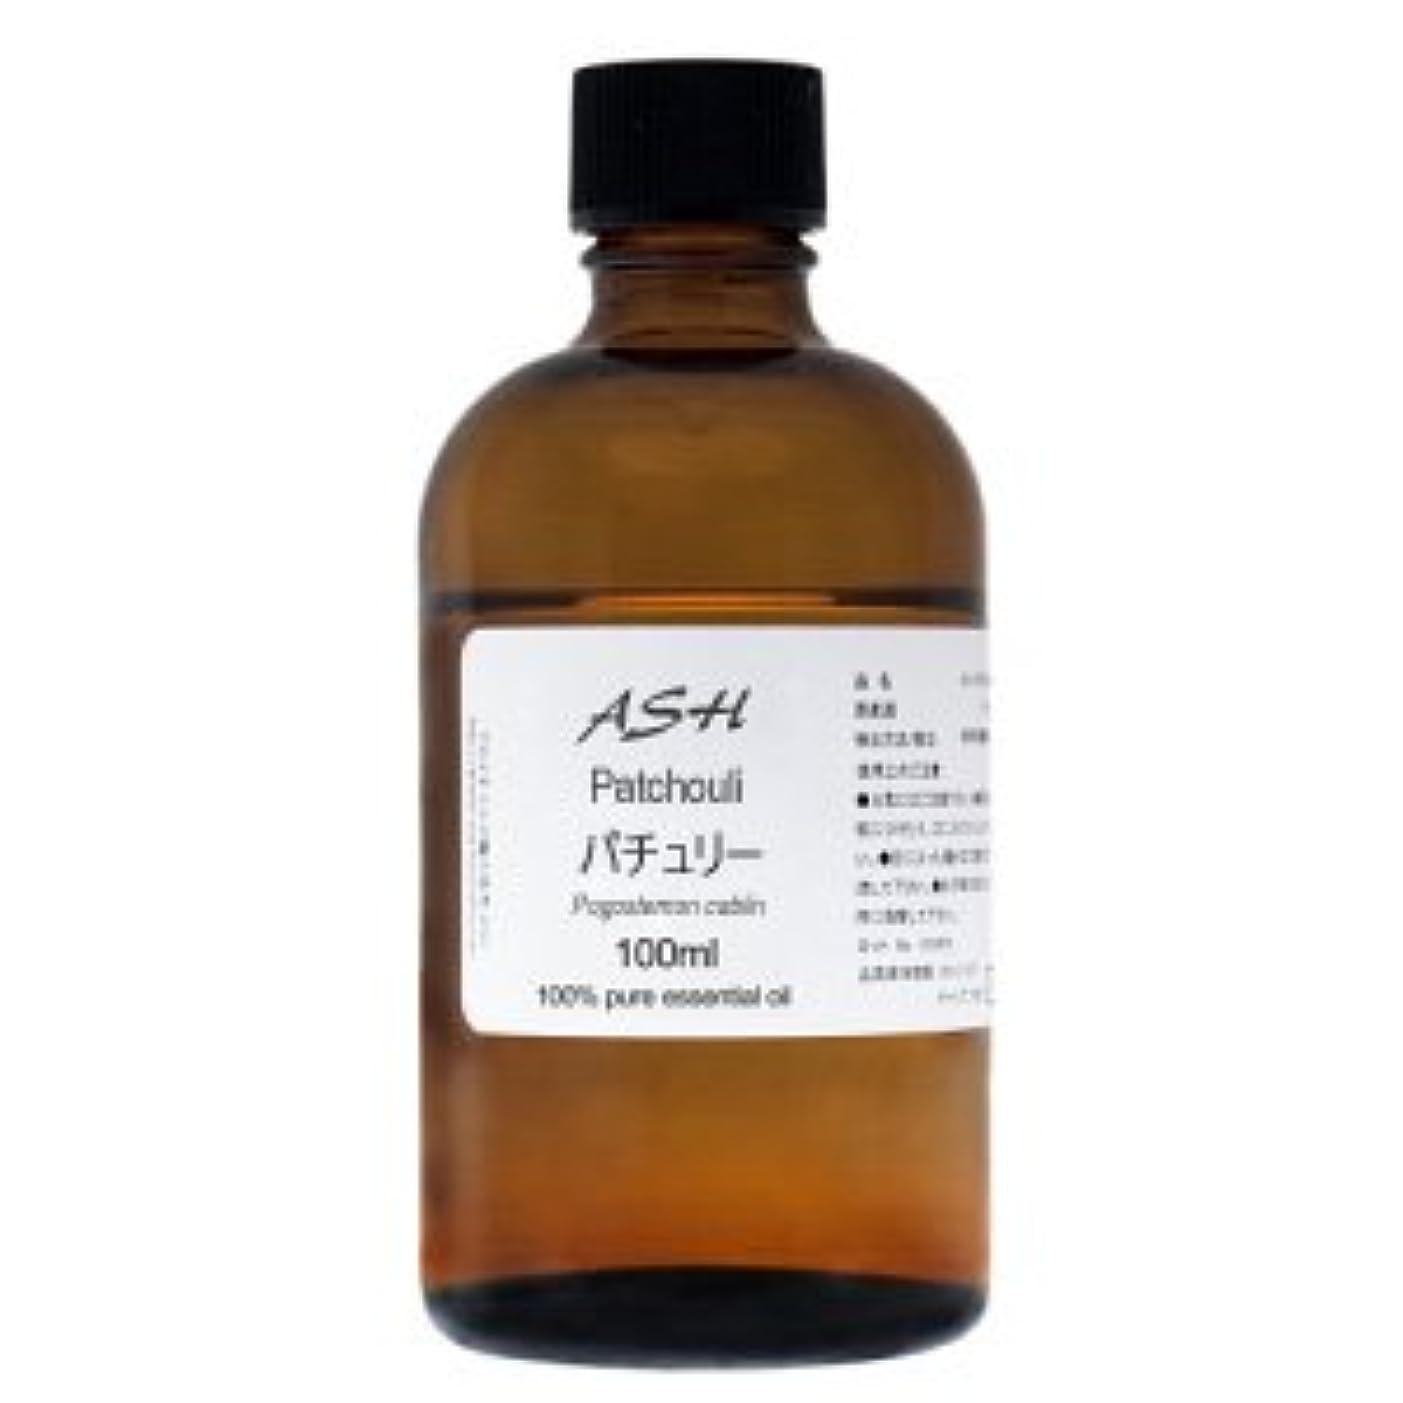 ベンチピカソ優しいASH パチュリー エッセンシャルオイル 100ml AEAJ表示基準適合認定精油